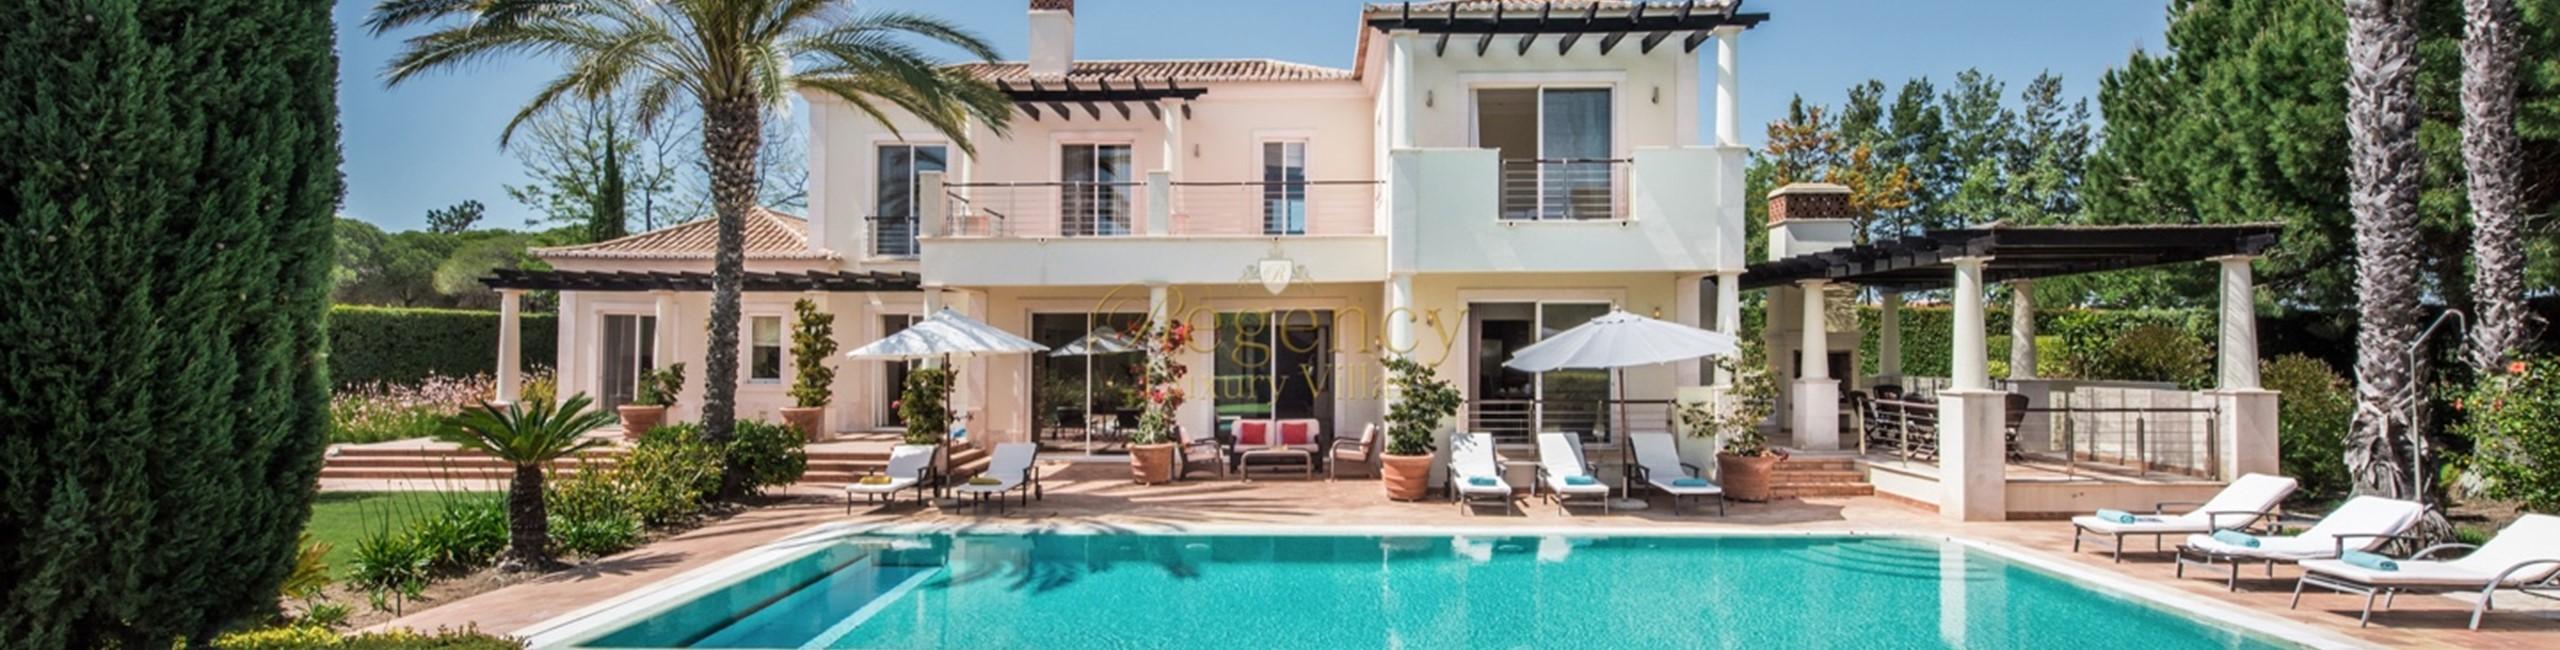 Luxury Villa To Rent With Pool Quinta Do Lago Algarve